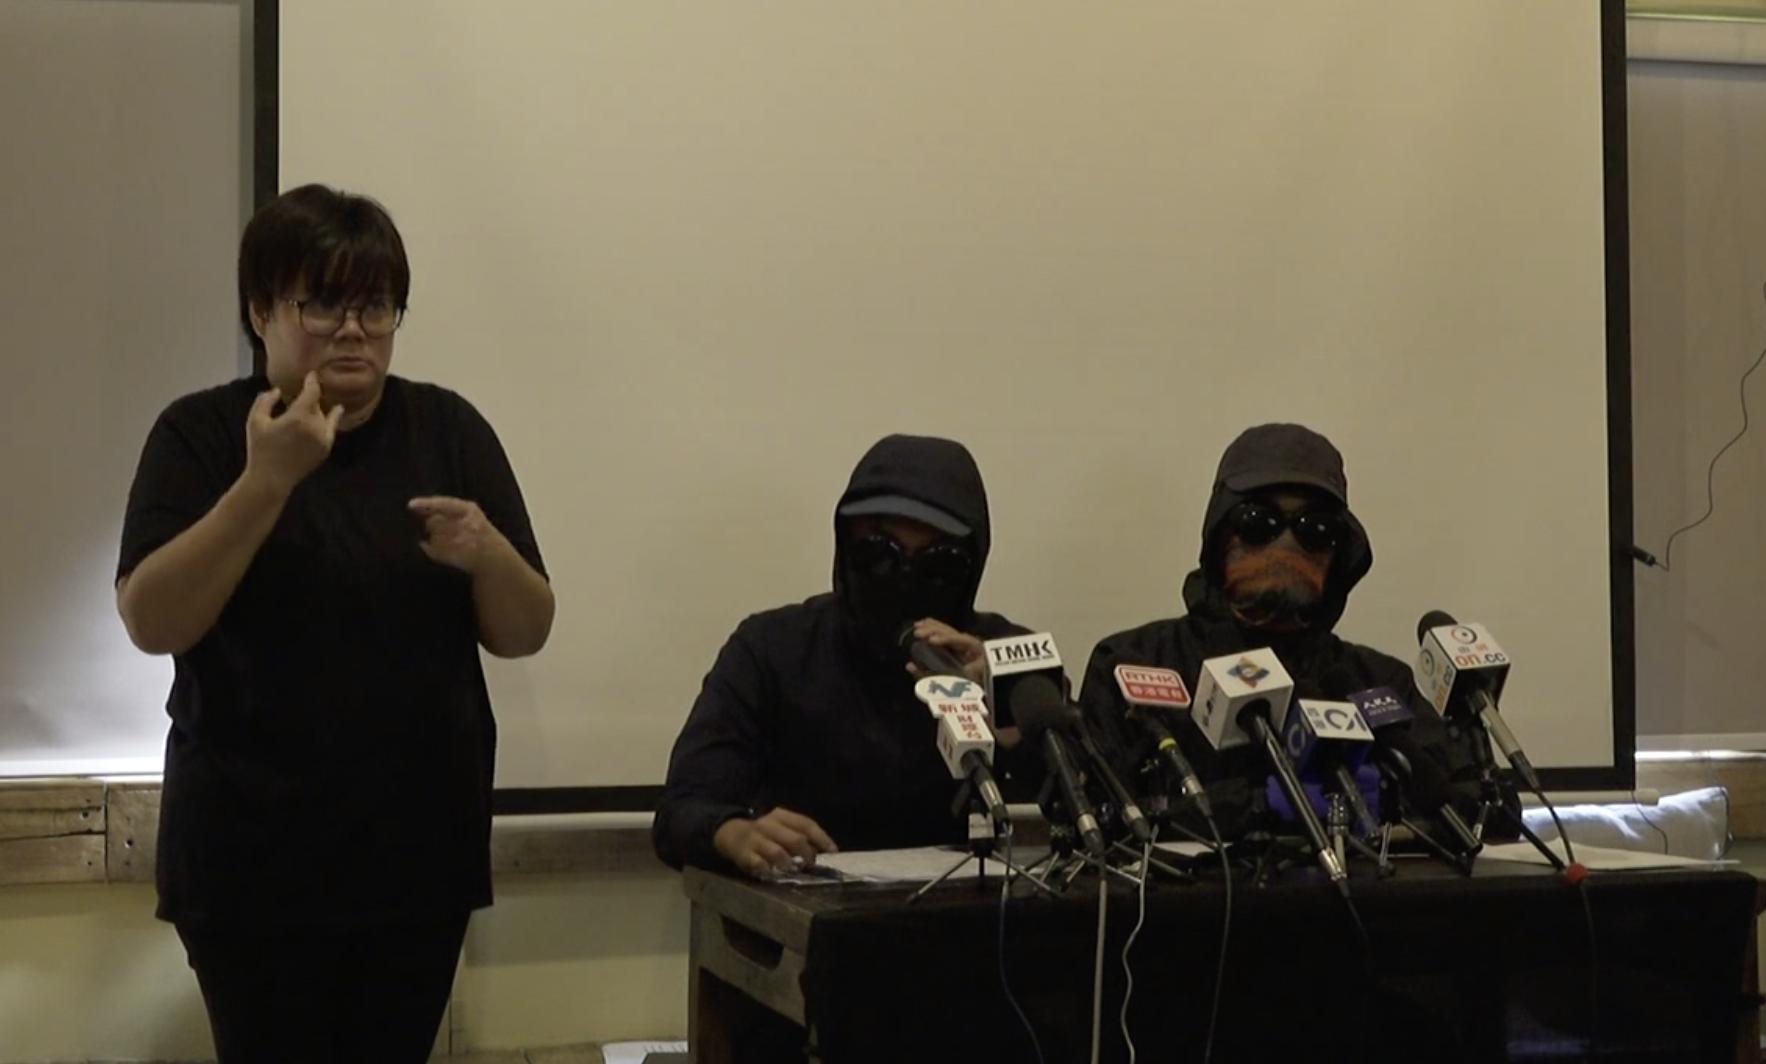 11月11日,交警開真槍射向抗爭者腹部,目前傷者情況危殆。民間記者會召開緊急新聞發佈會,呼籲港人必須要全面覺醒,並表示有信心推翻暴政。(視頻截圖)